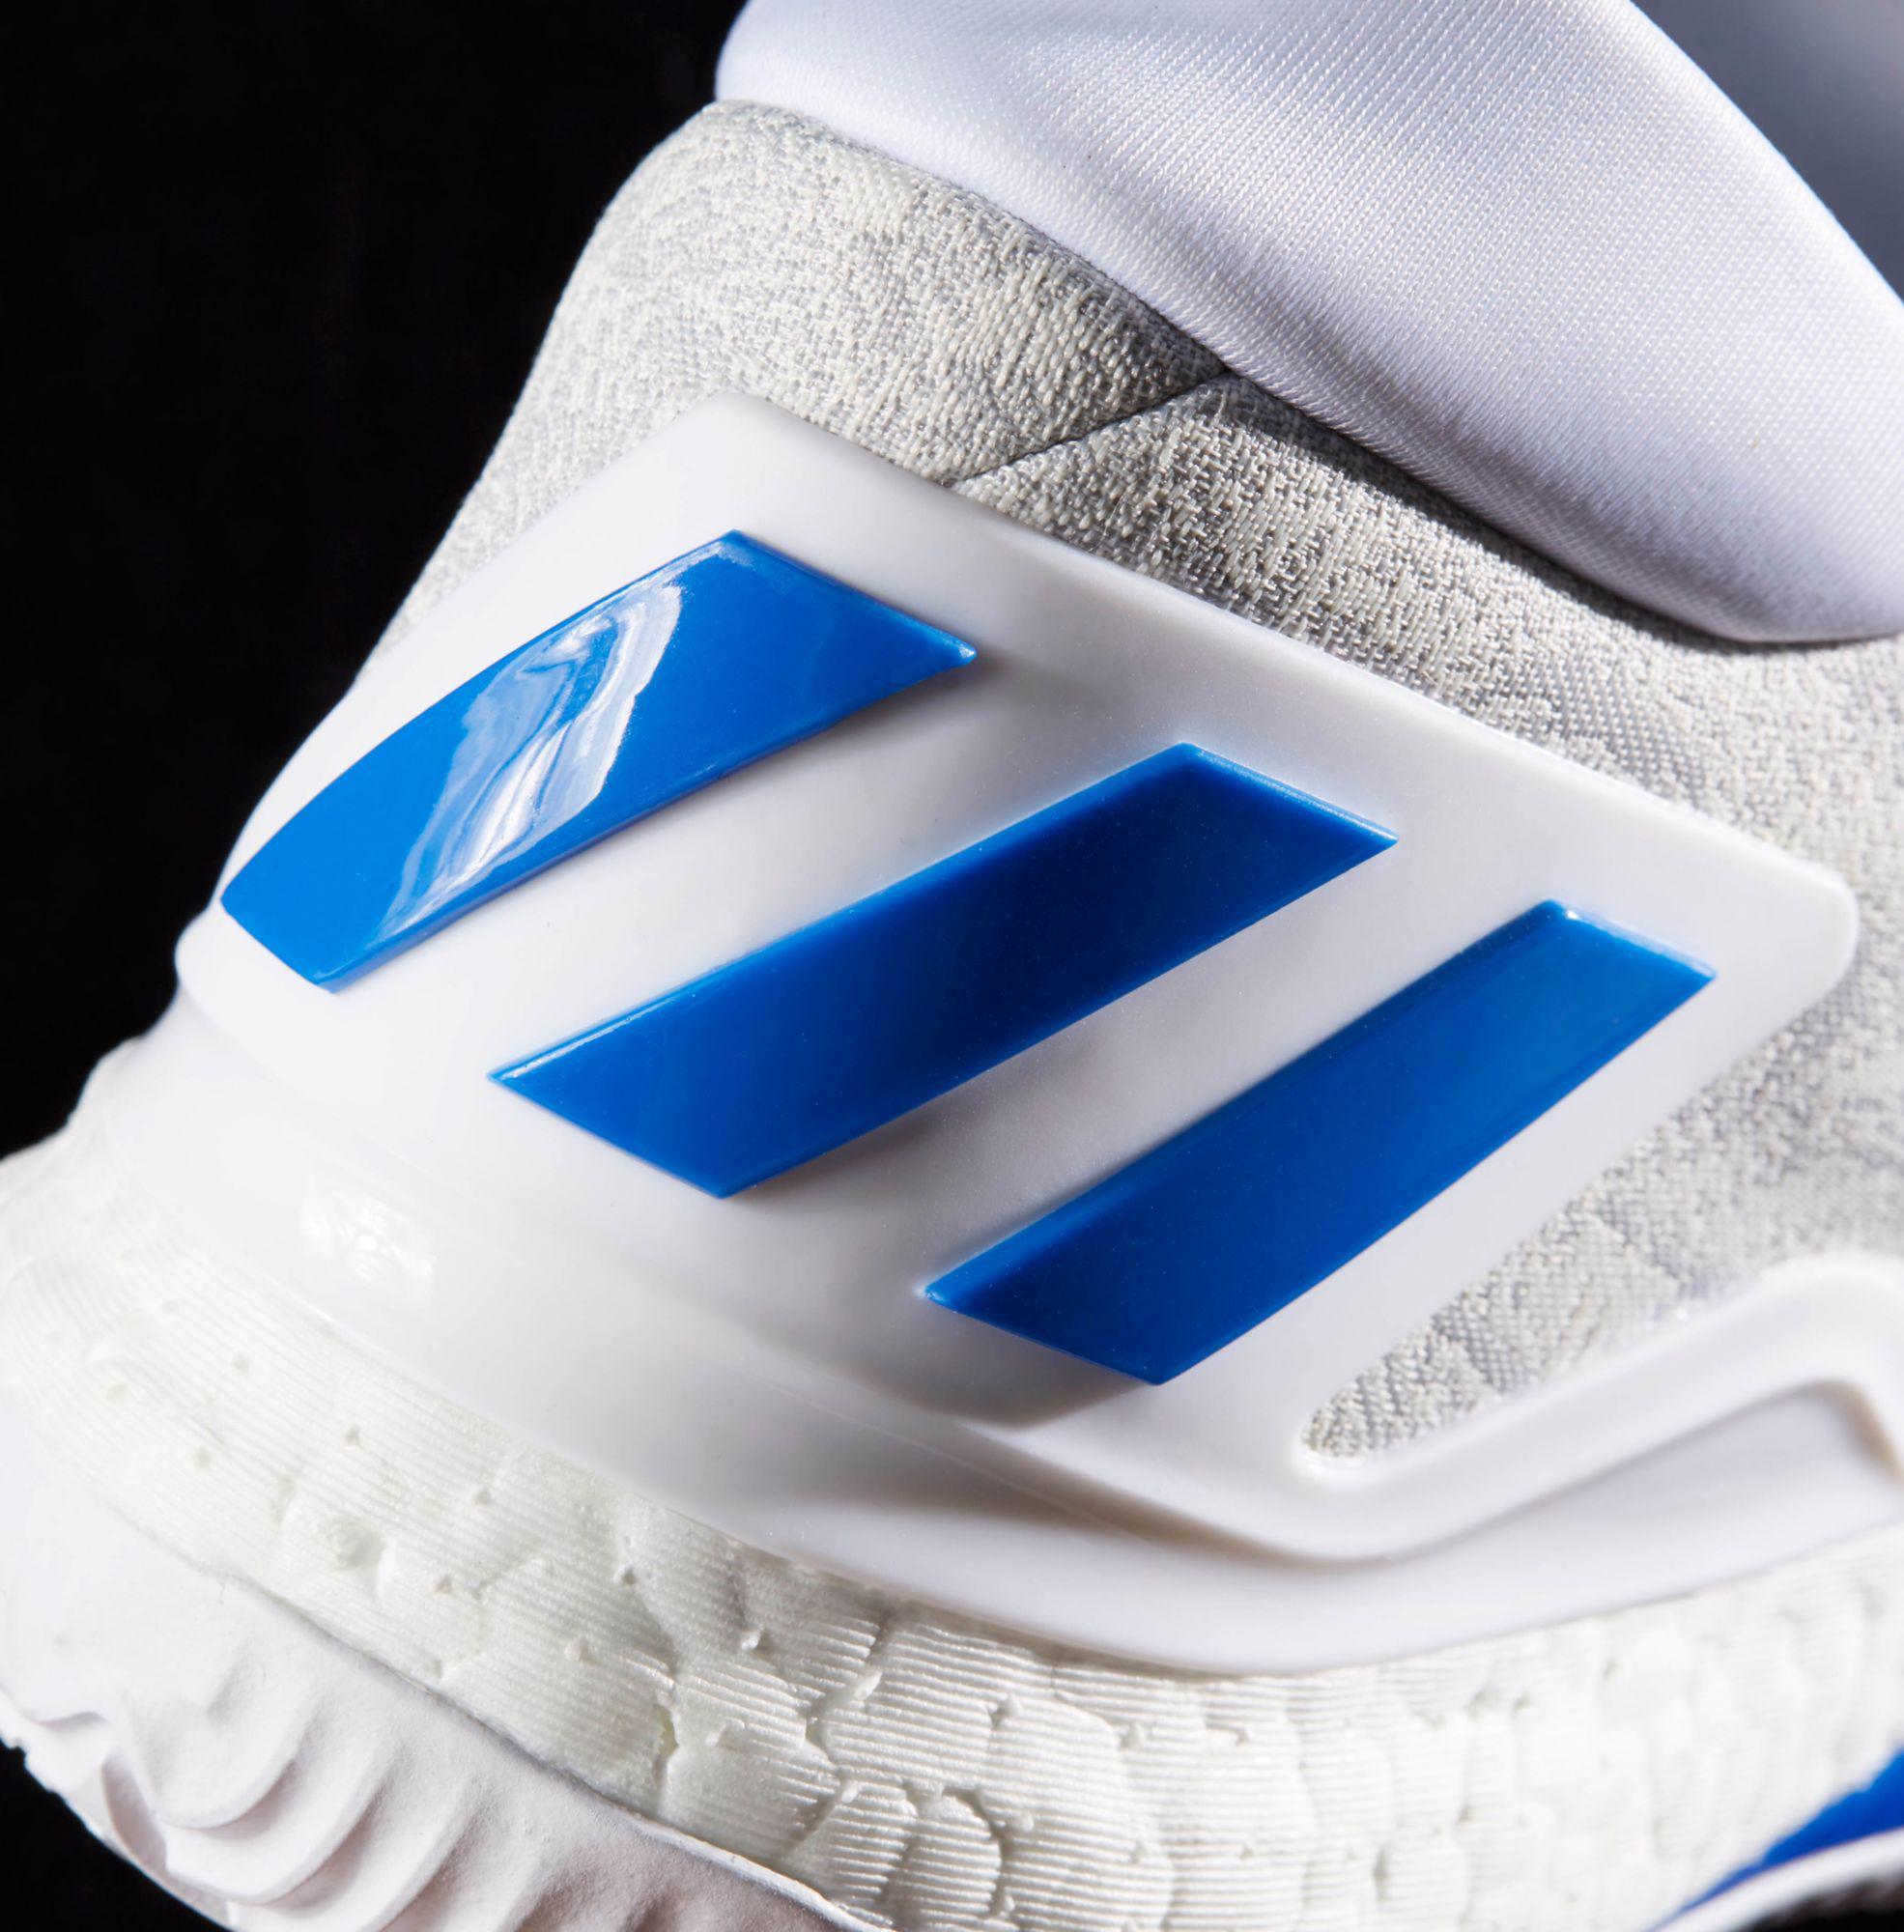 Lyst adidas crazylight slancio basso 2016 scarpe da basket in blu per gli uomini.